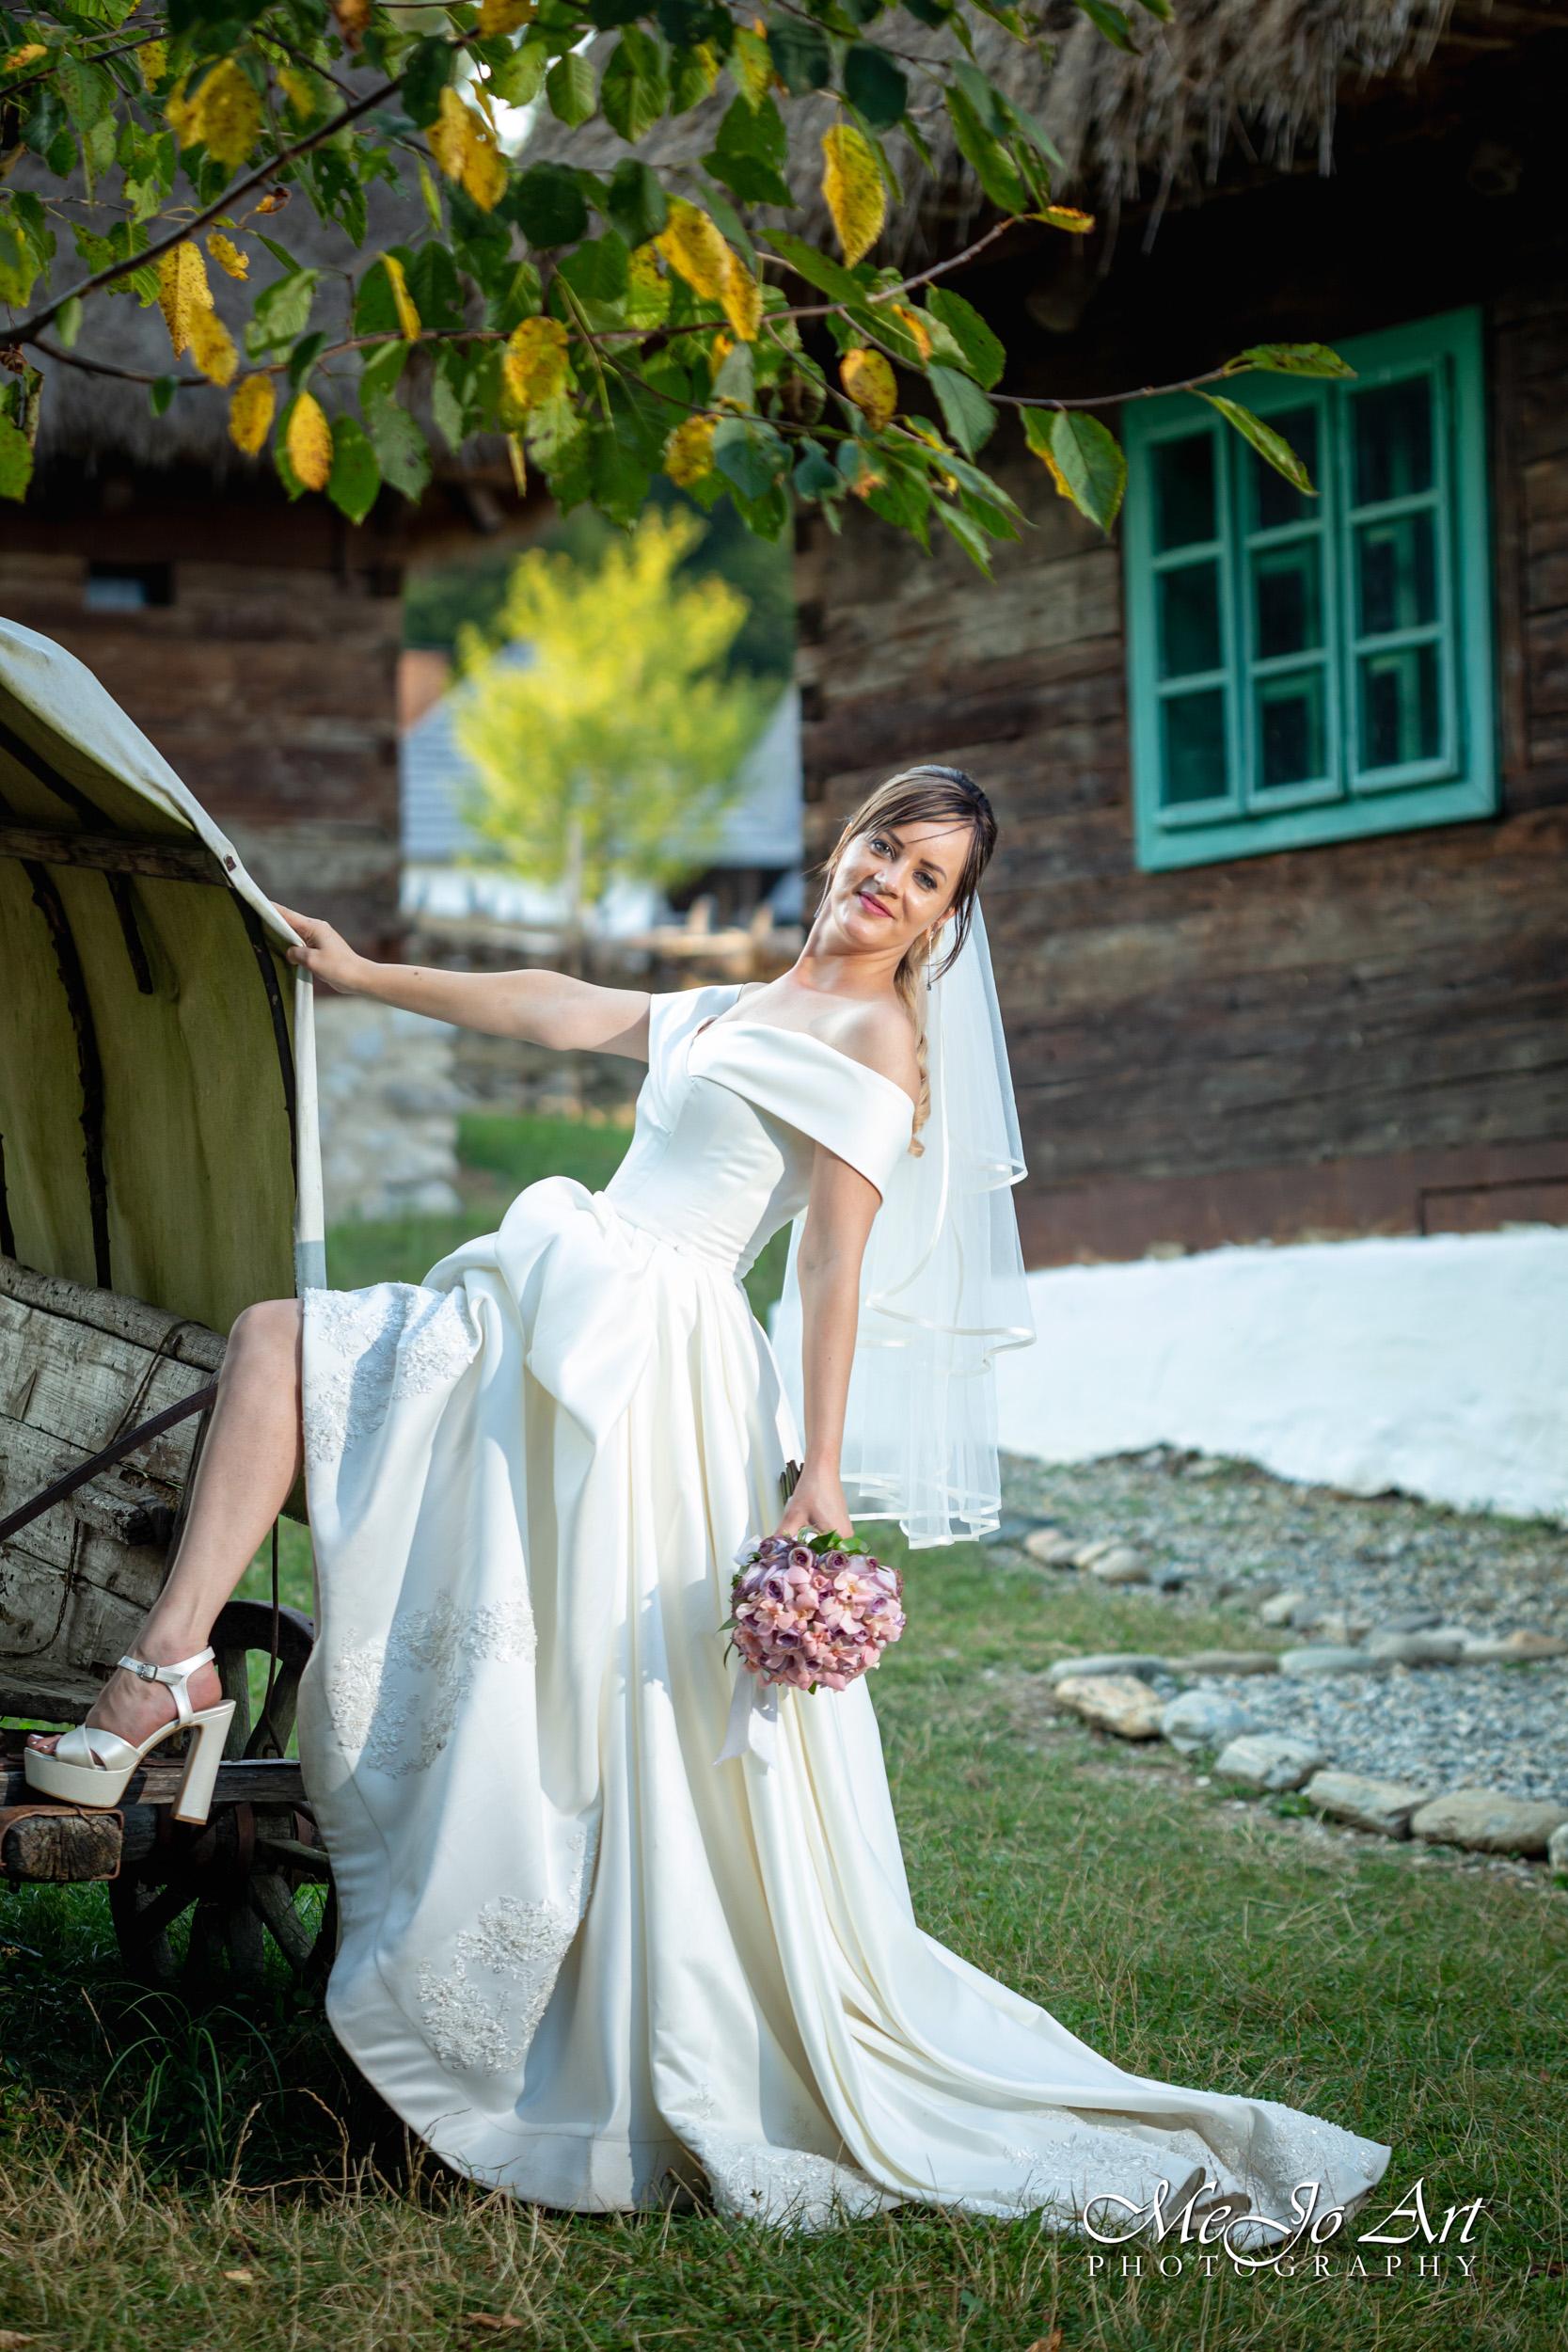 MeJo Art Bucur Ionut Fotograf Nunta-0396